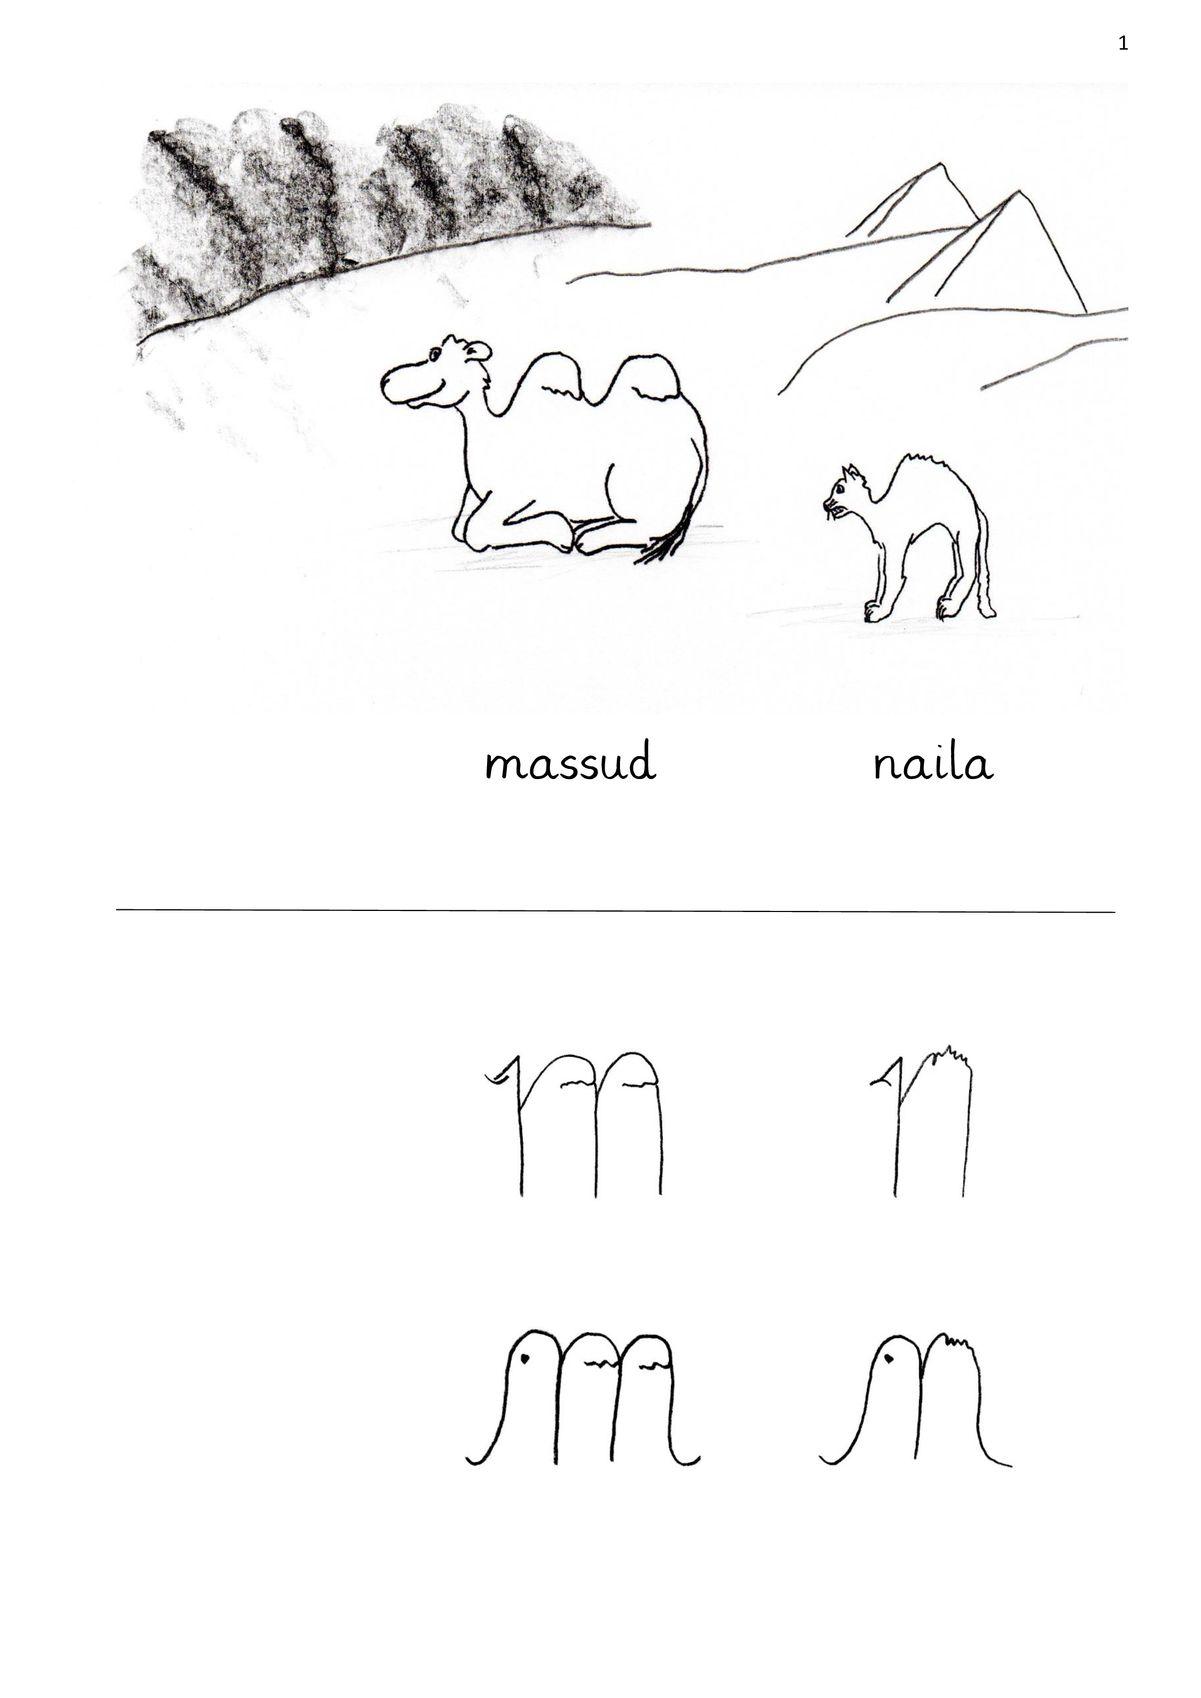 m und n, Differenzierung der Kleinbuchstaben - LRS - madoo.net